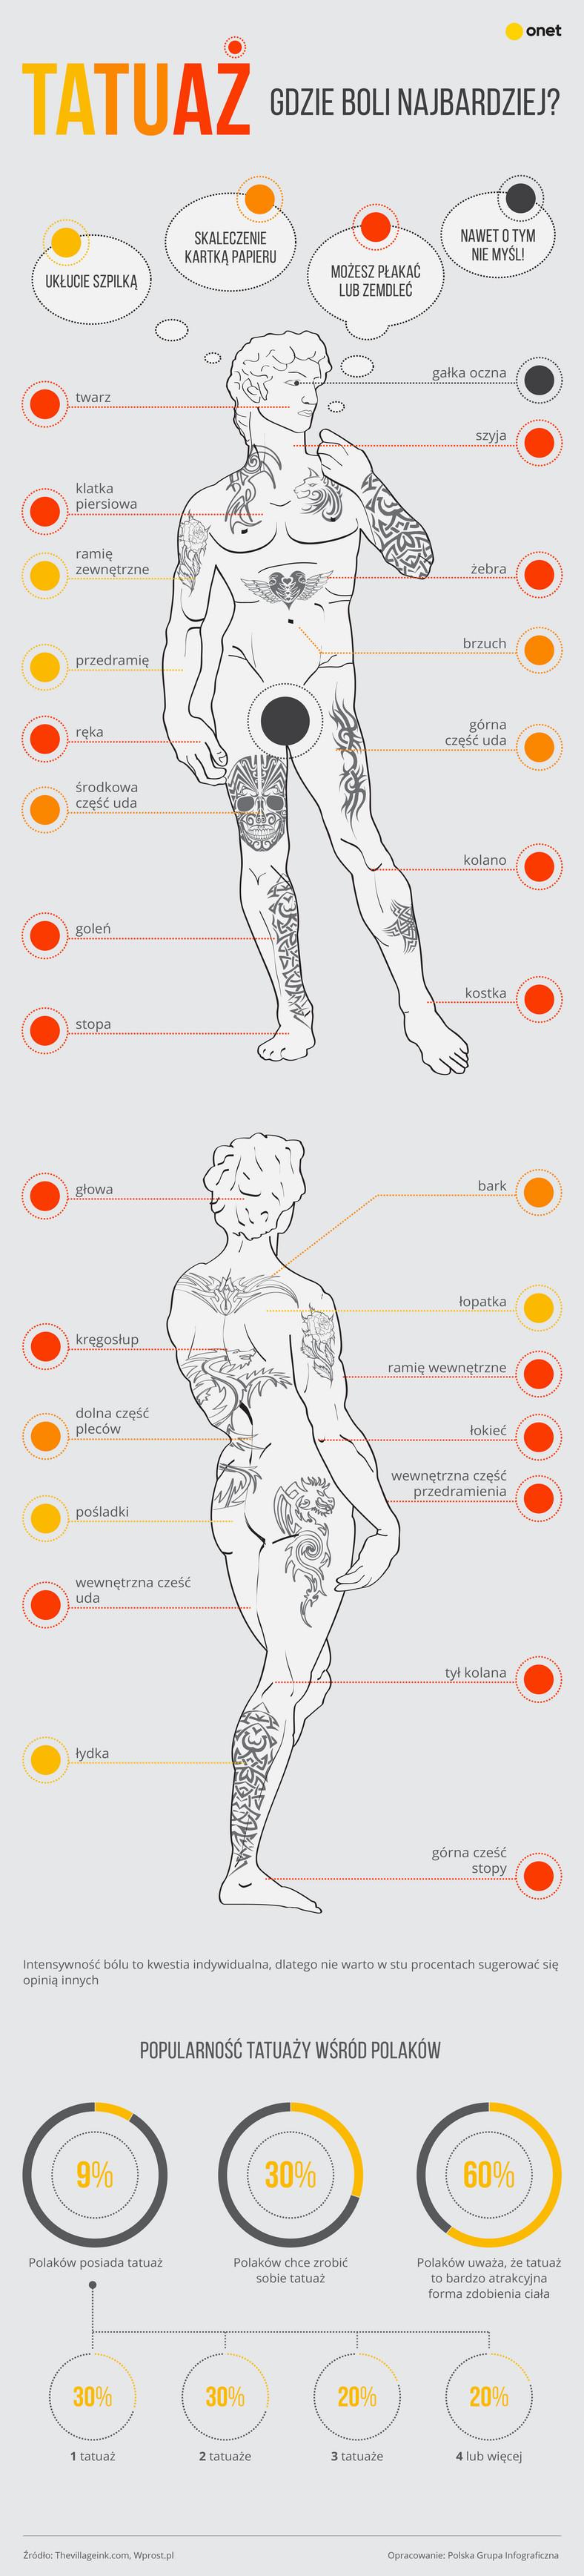 Tatuaże Gdzie Boli Najbardziej Infografika Facet